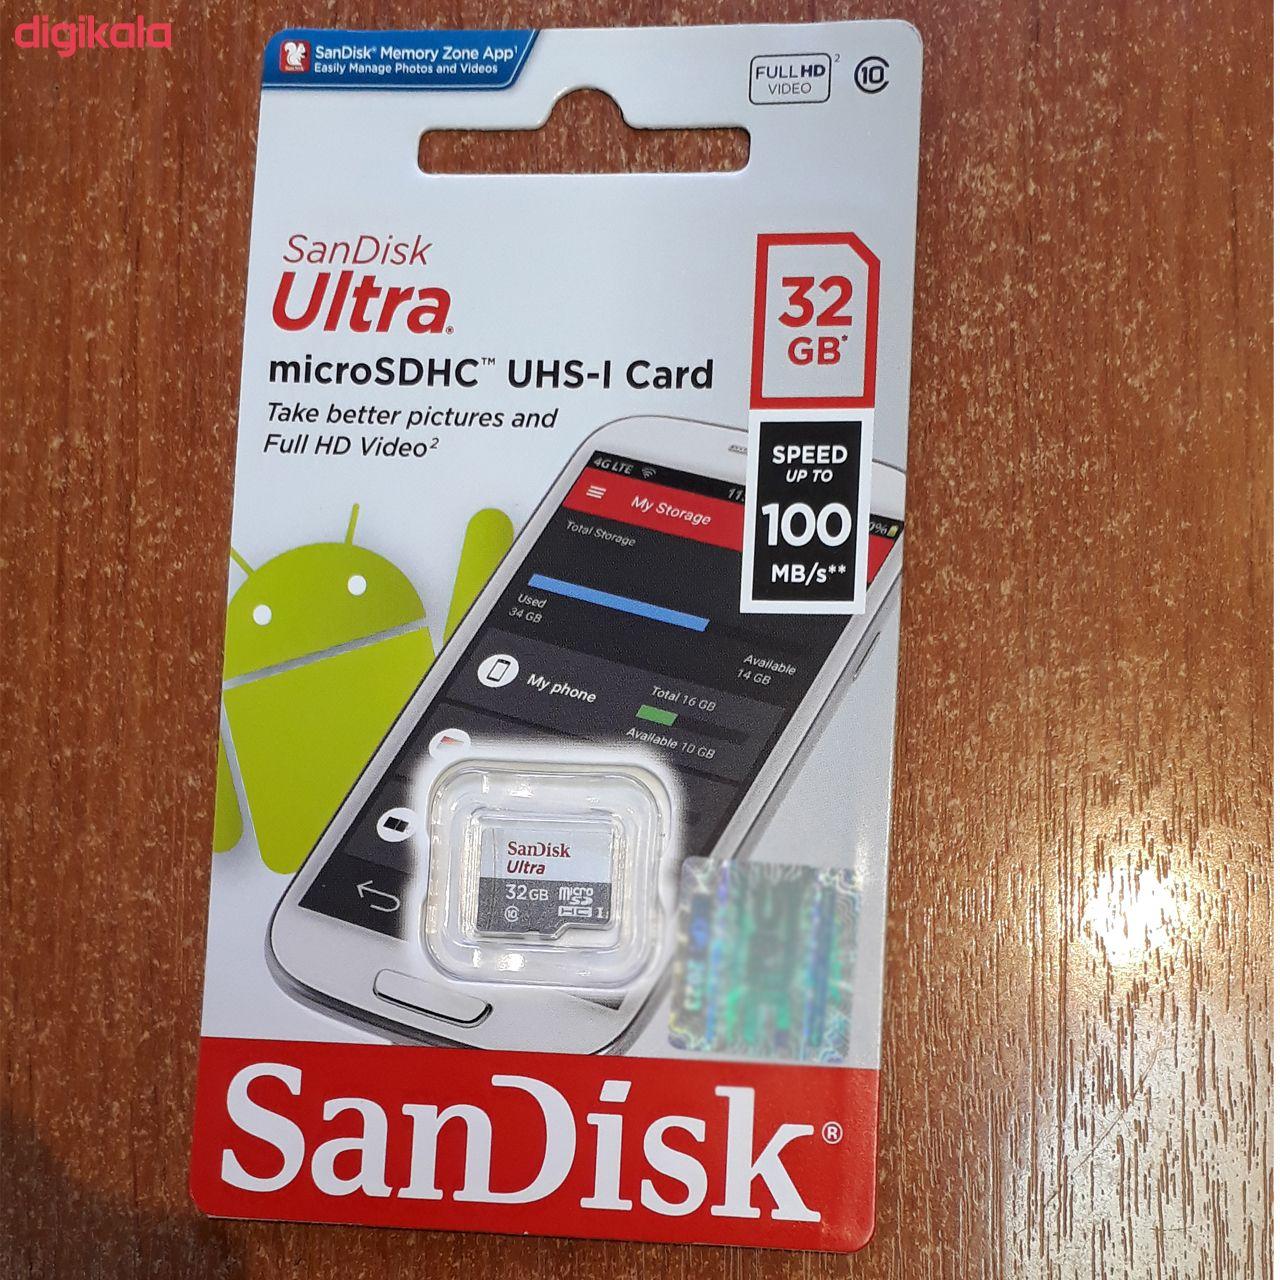 کارت حافظه microSDHC سن دیسک مدل Ultra کلاس 10 استاندارد UHS-I U1 سرعت 100MBps  ظرفیت 32 گیگابایت main 1 1